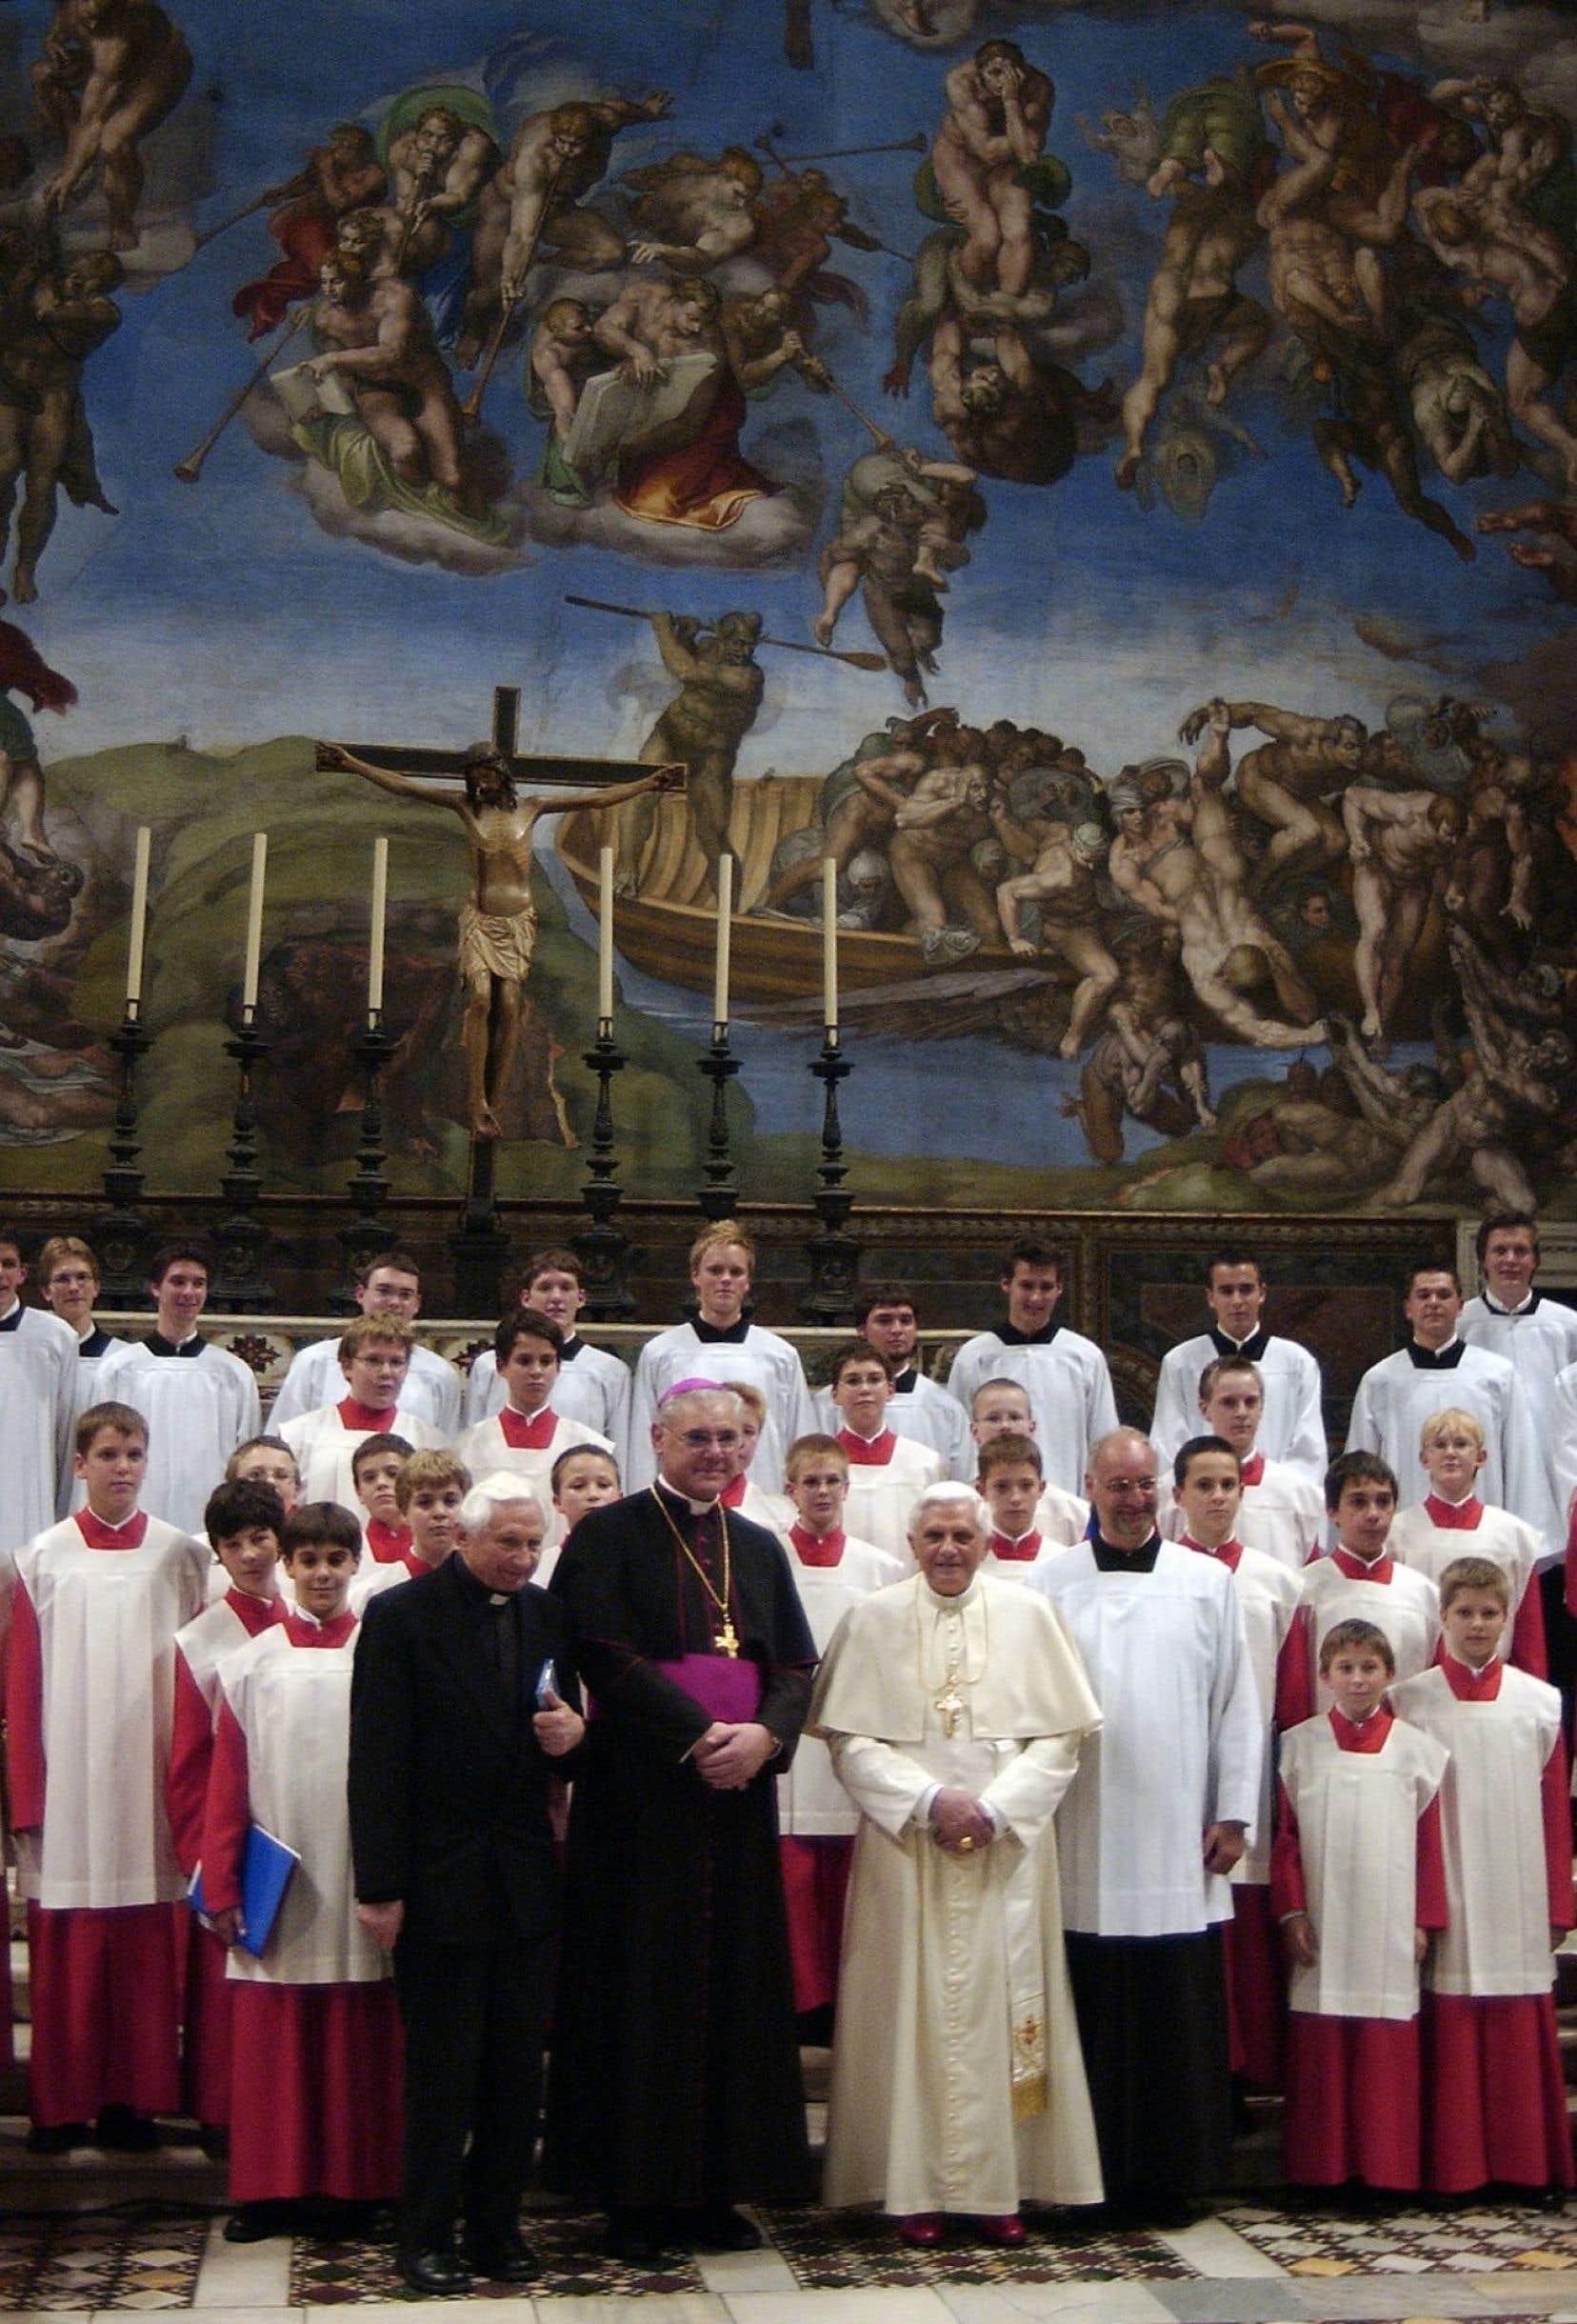 L'affaire porte notamment sur des maltraitances qui se seraient produites alors que le frère de l'ancien pape Benoît XVI, Georg Ratzinger (à gauche au premier plan), ainsi que le cardinal Gerhard Ludwig Müller (au centre) dirigeaient ce chœur de petits chanteurs, entre 1964 et 1994.